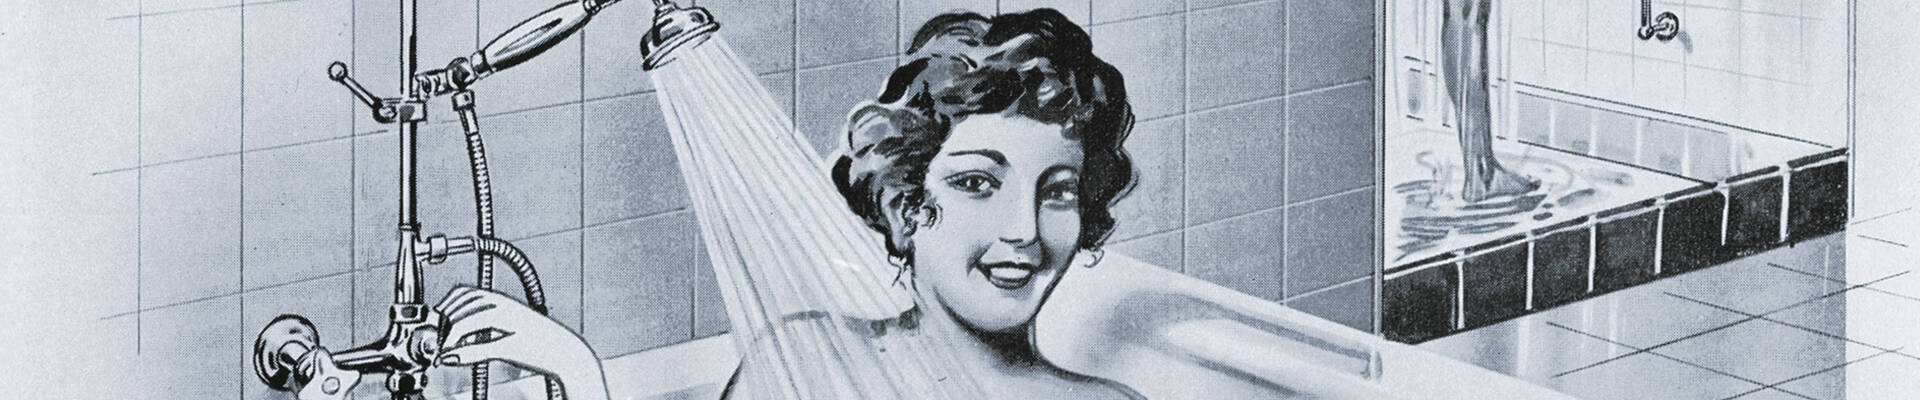 1953年,汉斯格雅发明了花洒杆。